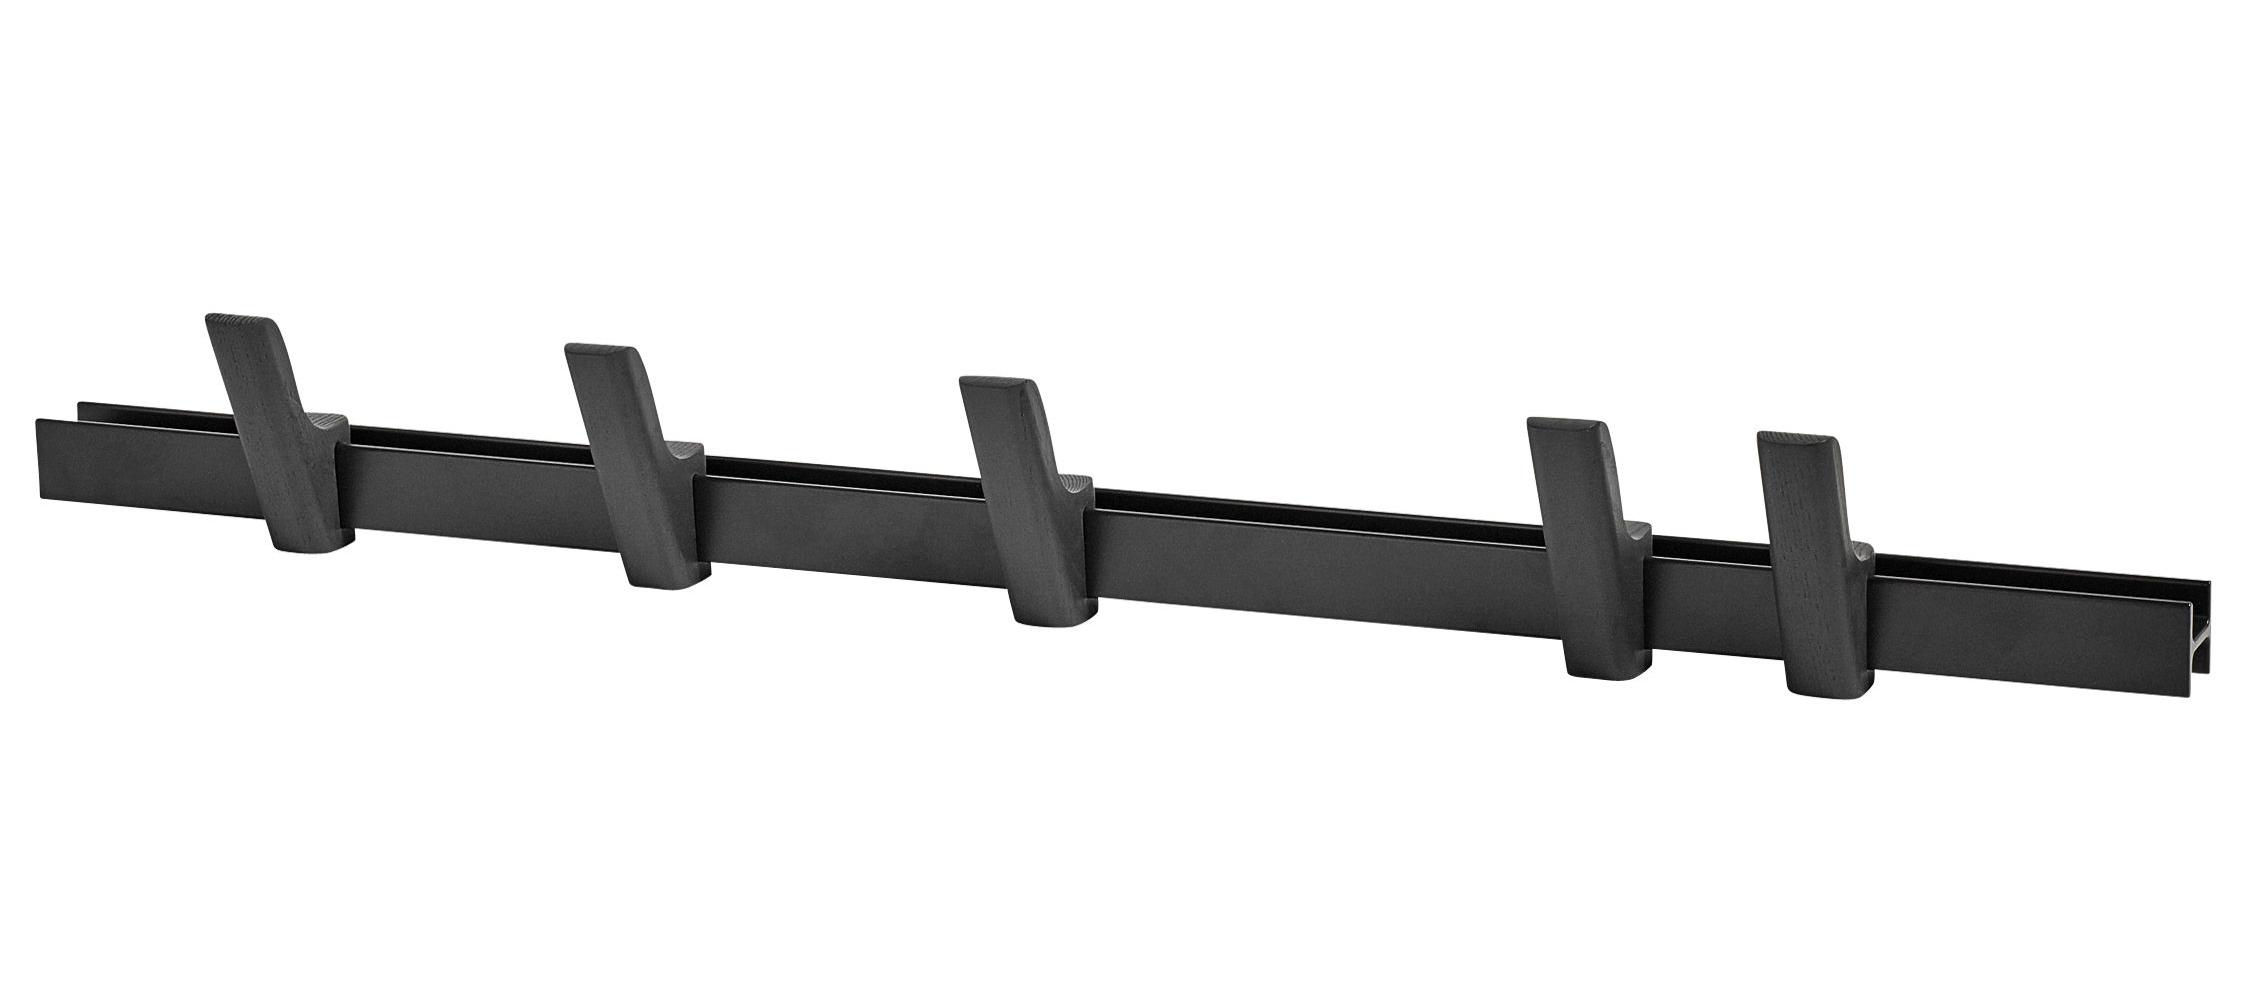 Möbel - Garderoben und Kleiderhaken - Beam Wandgarderobe / L 90 cm - mit 5 Garderobenhaken - Hay - Graphitschwarz / Haken graphitschwarz - Aluminium, bemalte Esche